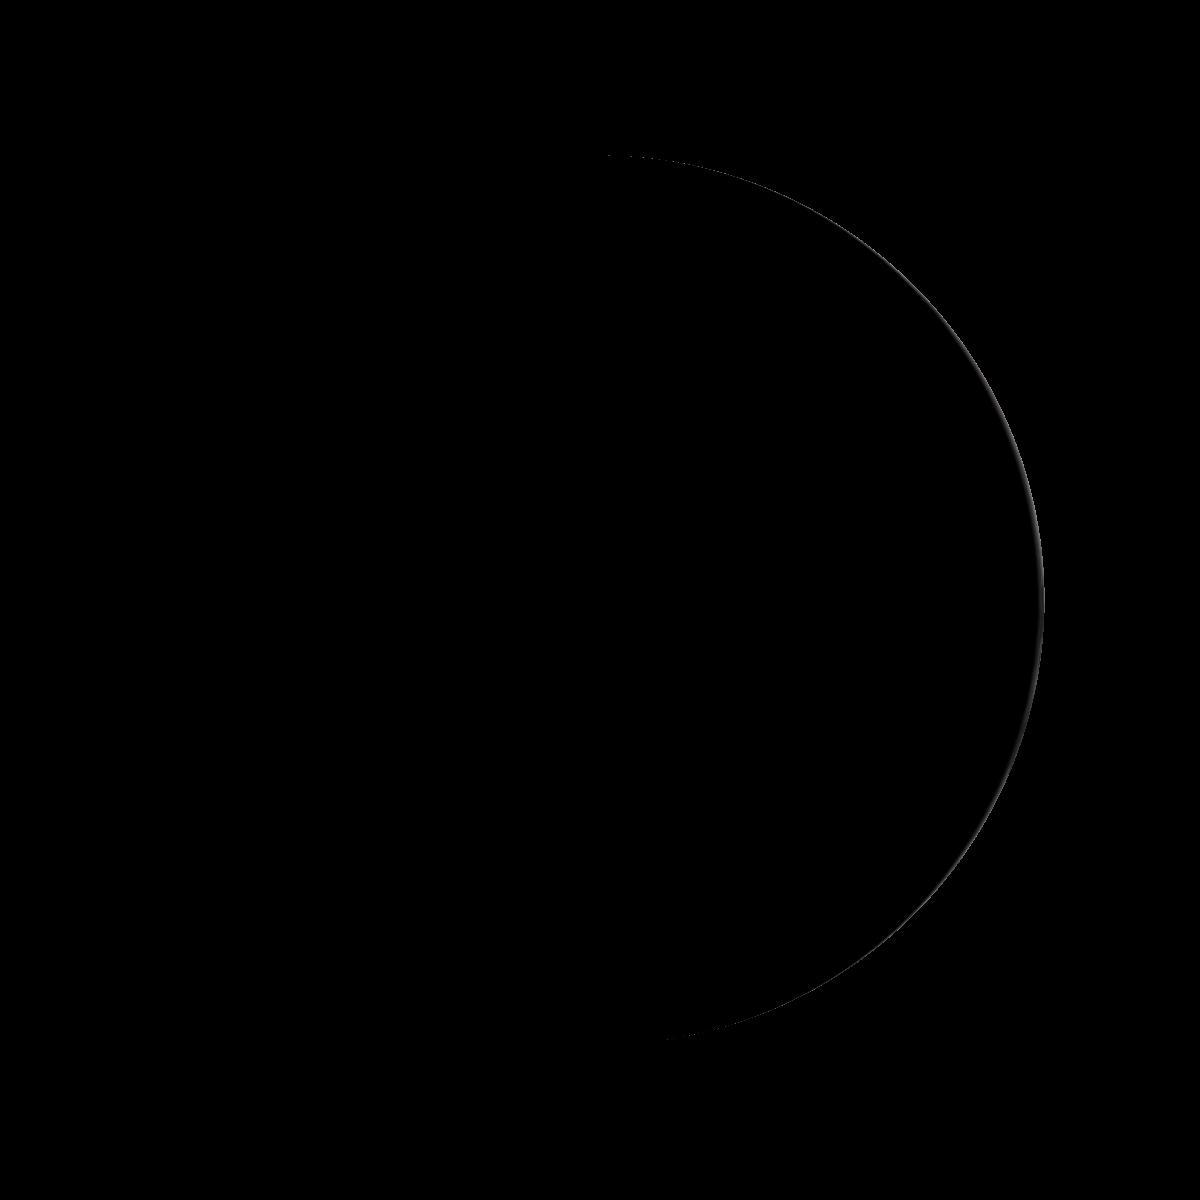 Lune du 24avril 2020